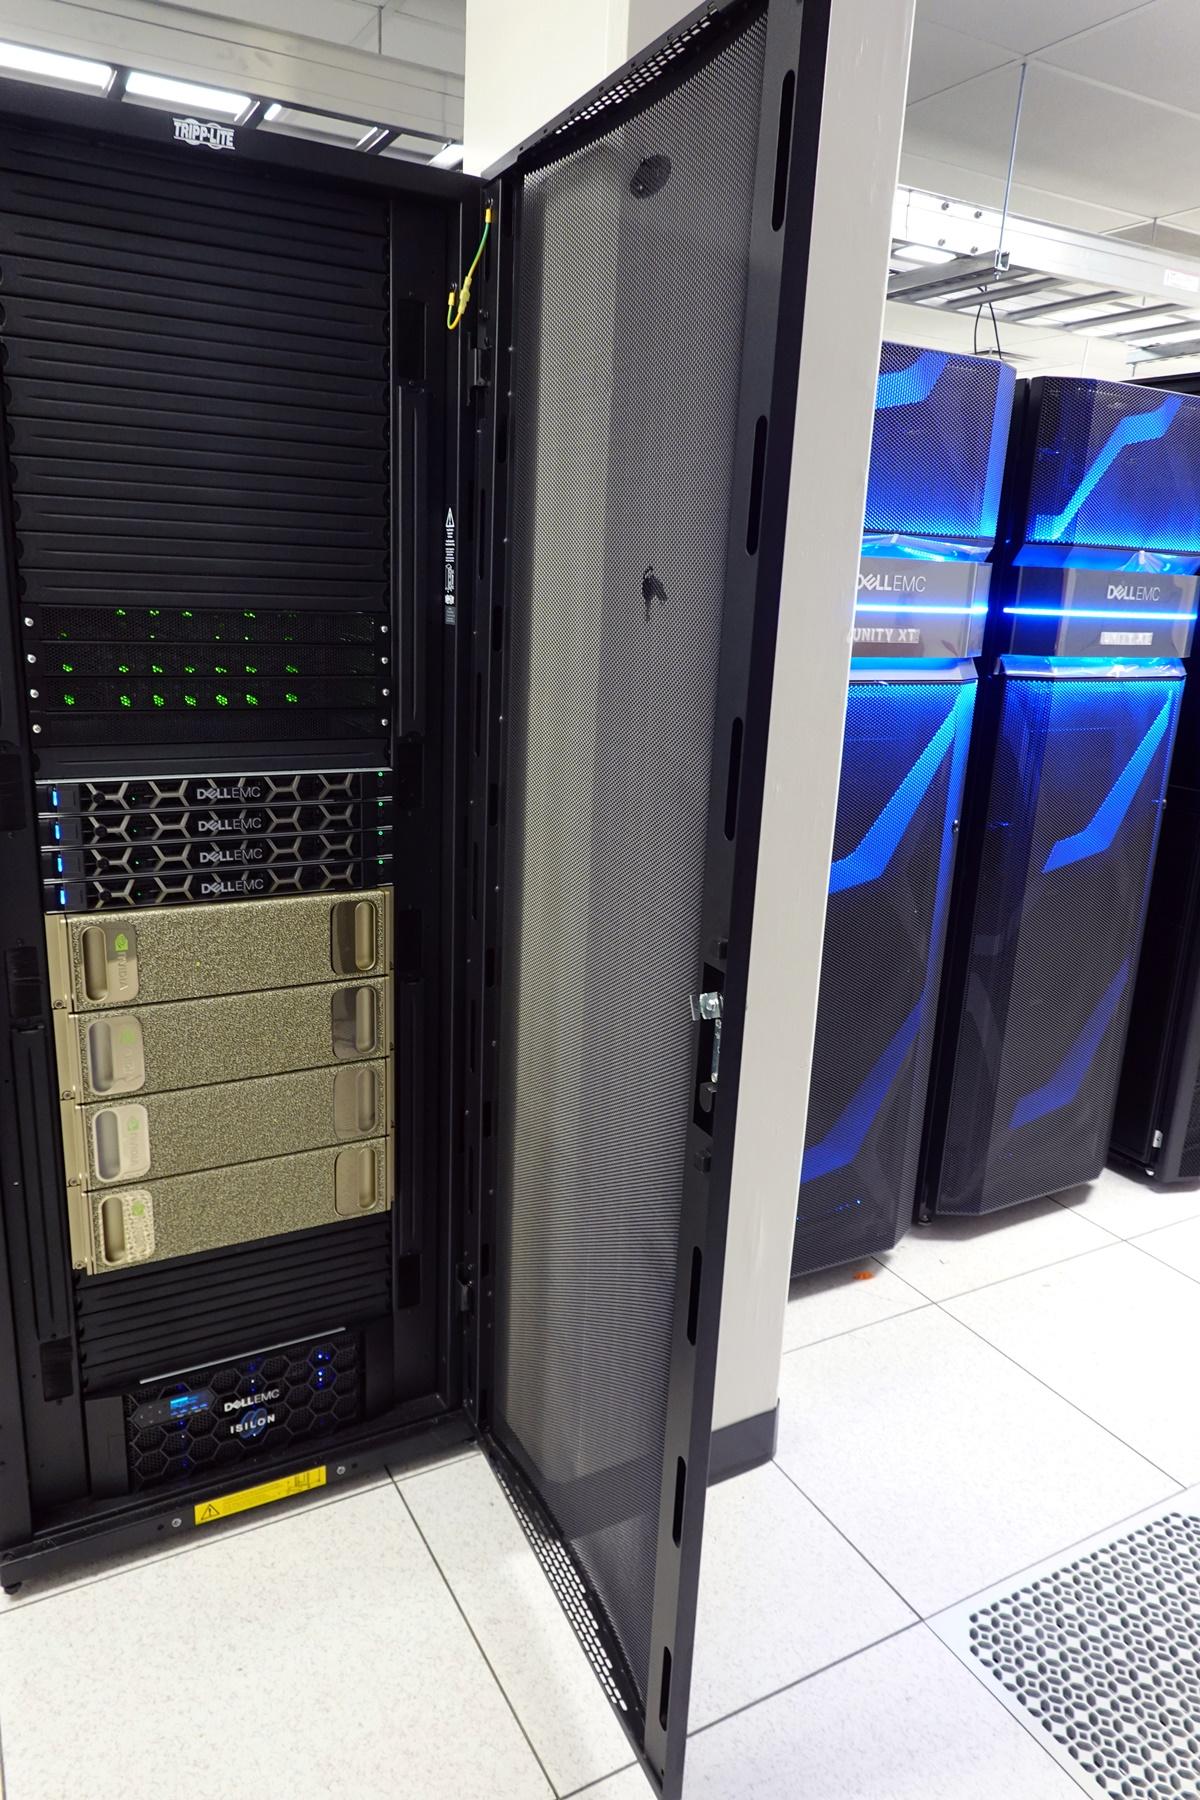 الگوریتم های هوش مصنوعی در سرورهای NVIDIA DGX در مراکز داده خدمات پستی ایالات متحده ساخته شده اند.